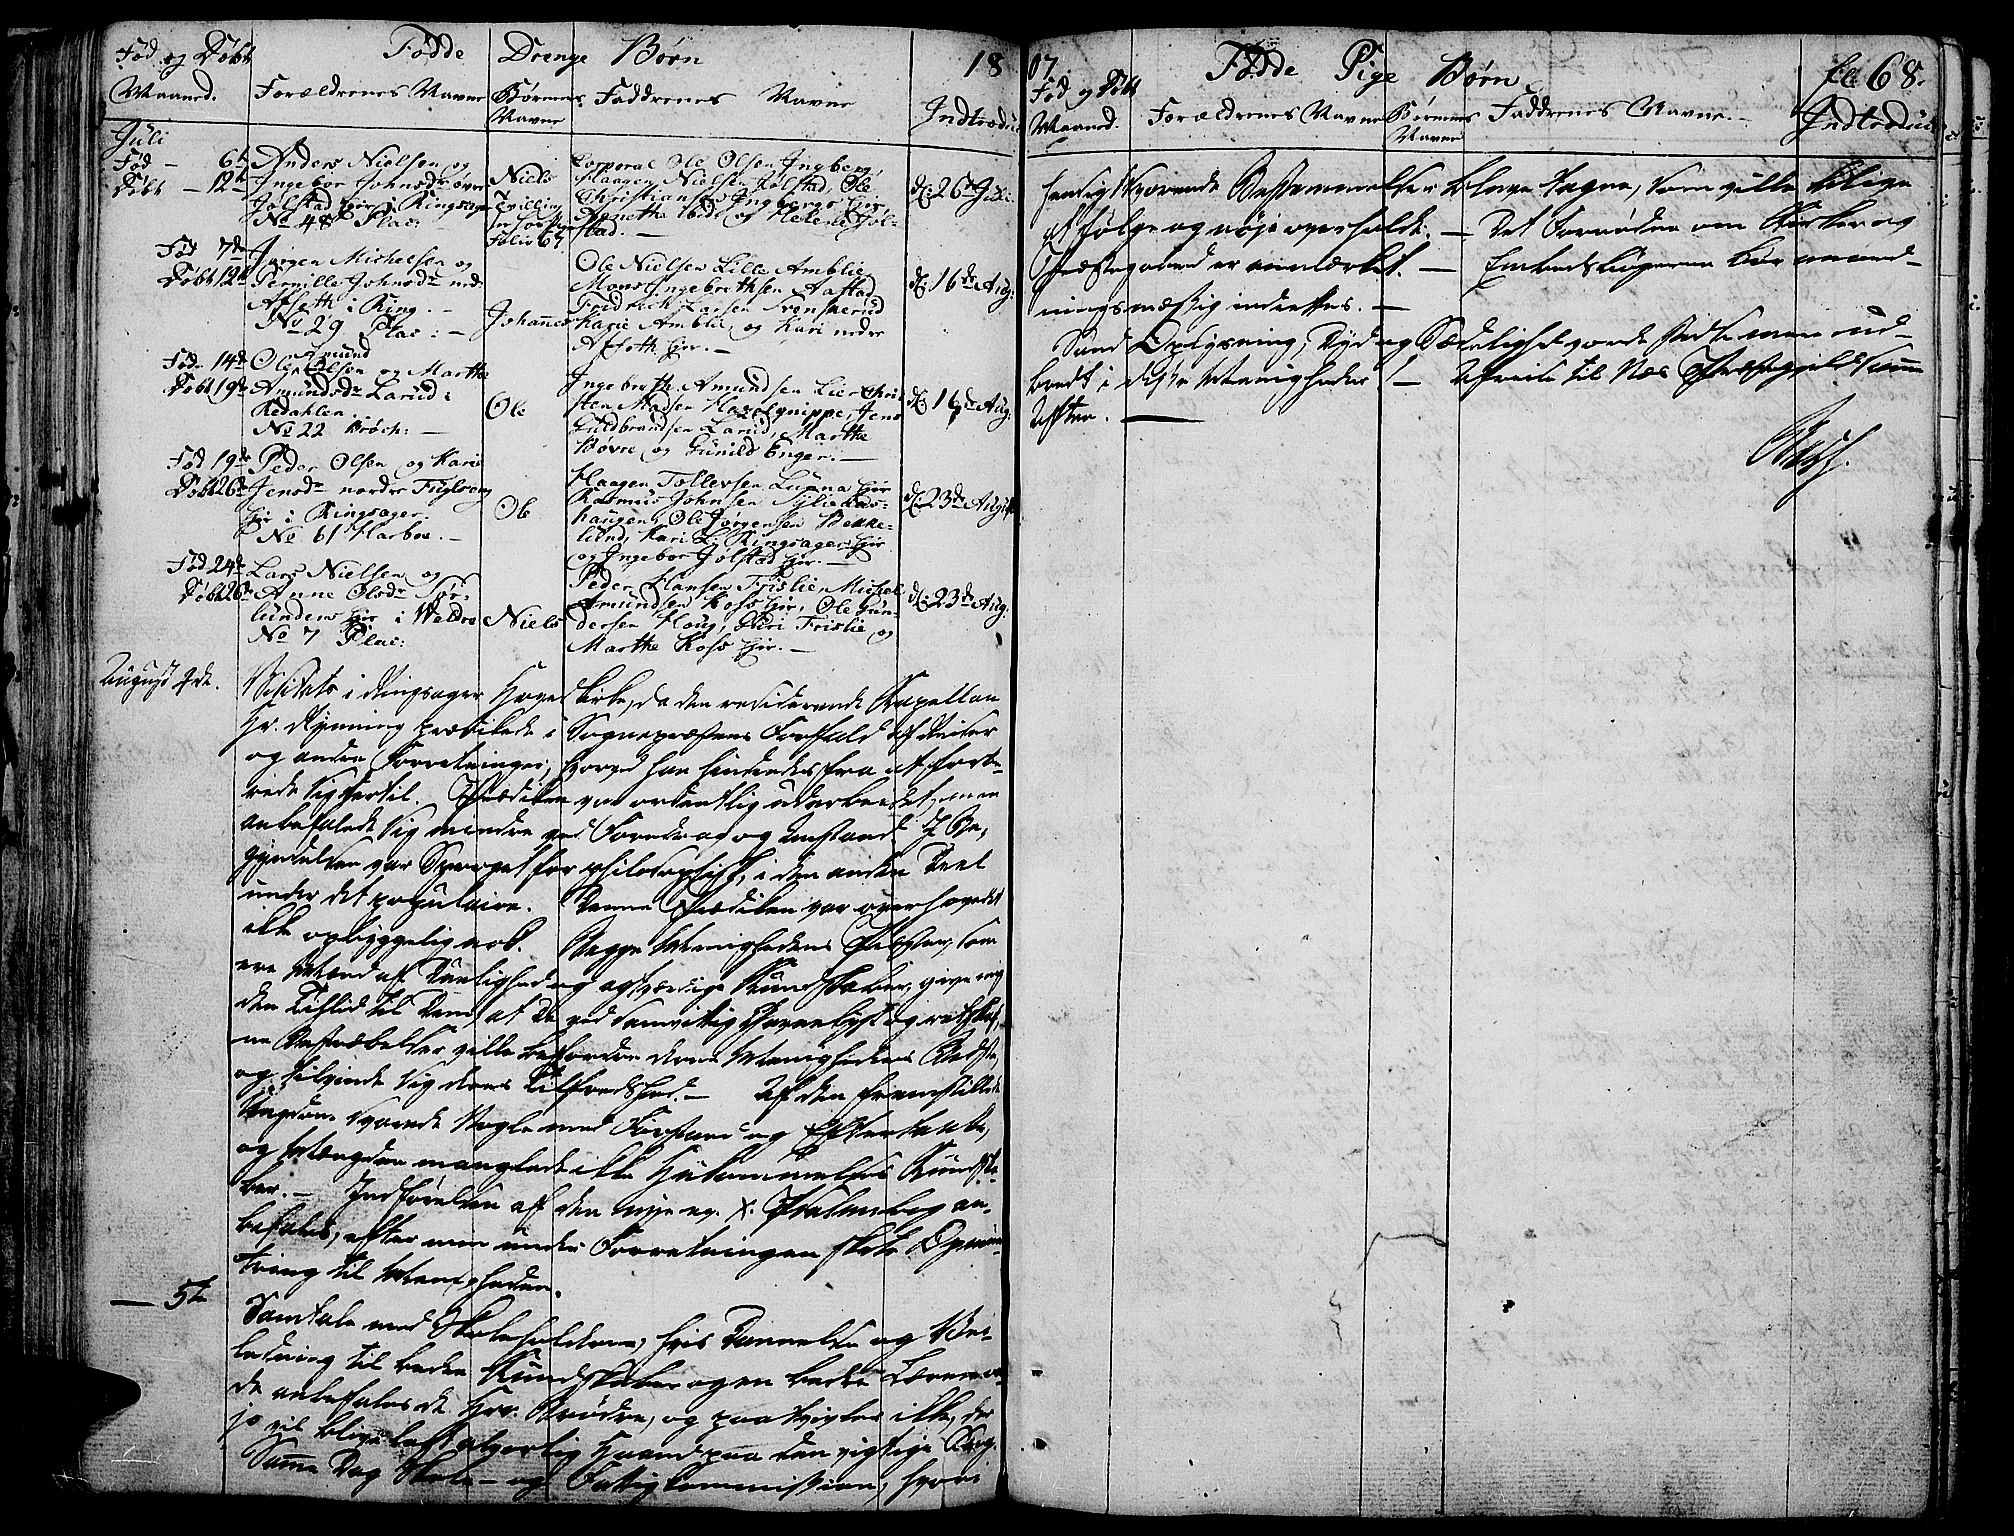 SAH, Ringsaker prestekontor, K/Ka/L0004: Ministerialbok nr. 4, 1799-1814, s. 68